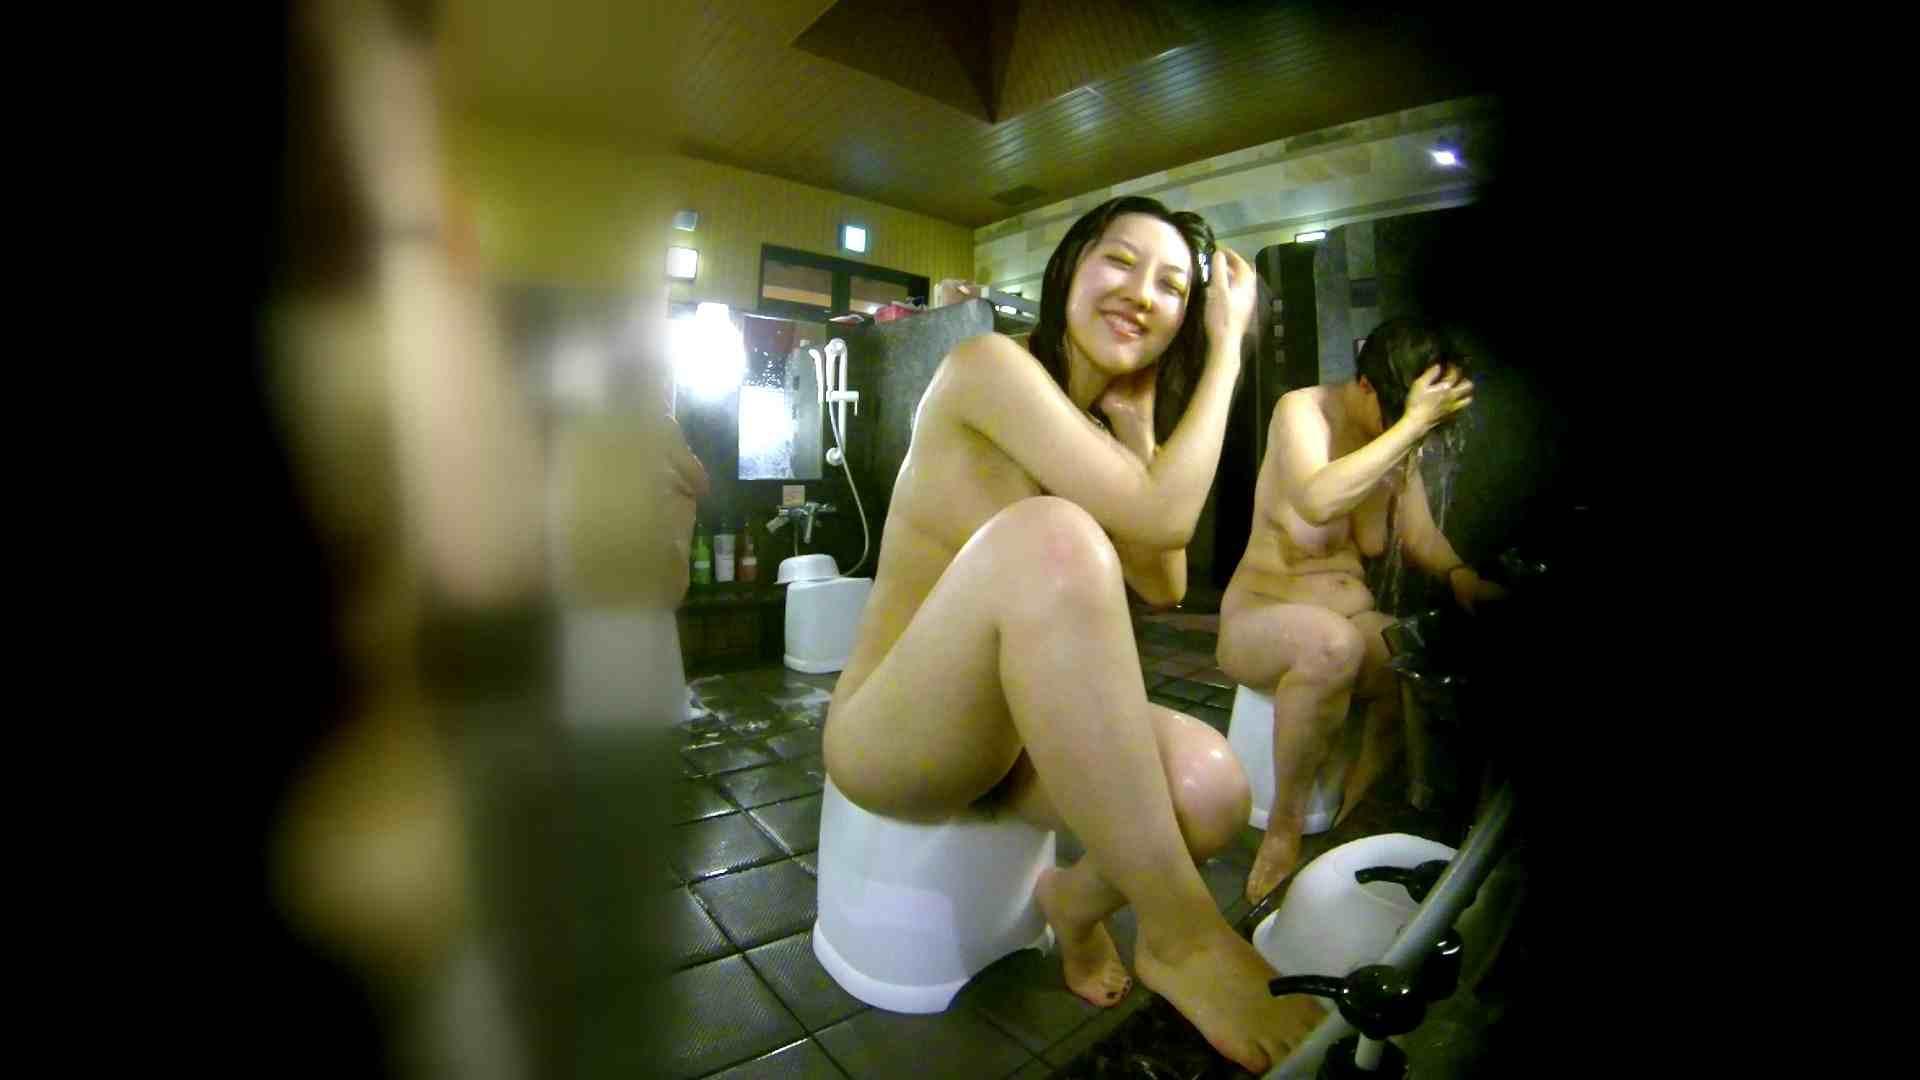 洗い場!右足の位置がいいですね。陰毛もっさり! 美肌 セックス画像 111画像 37